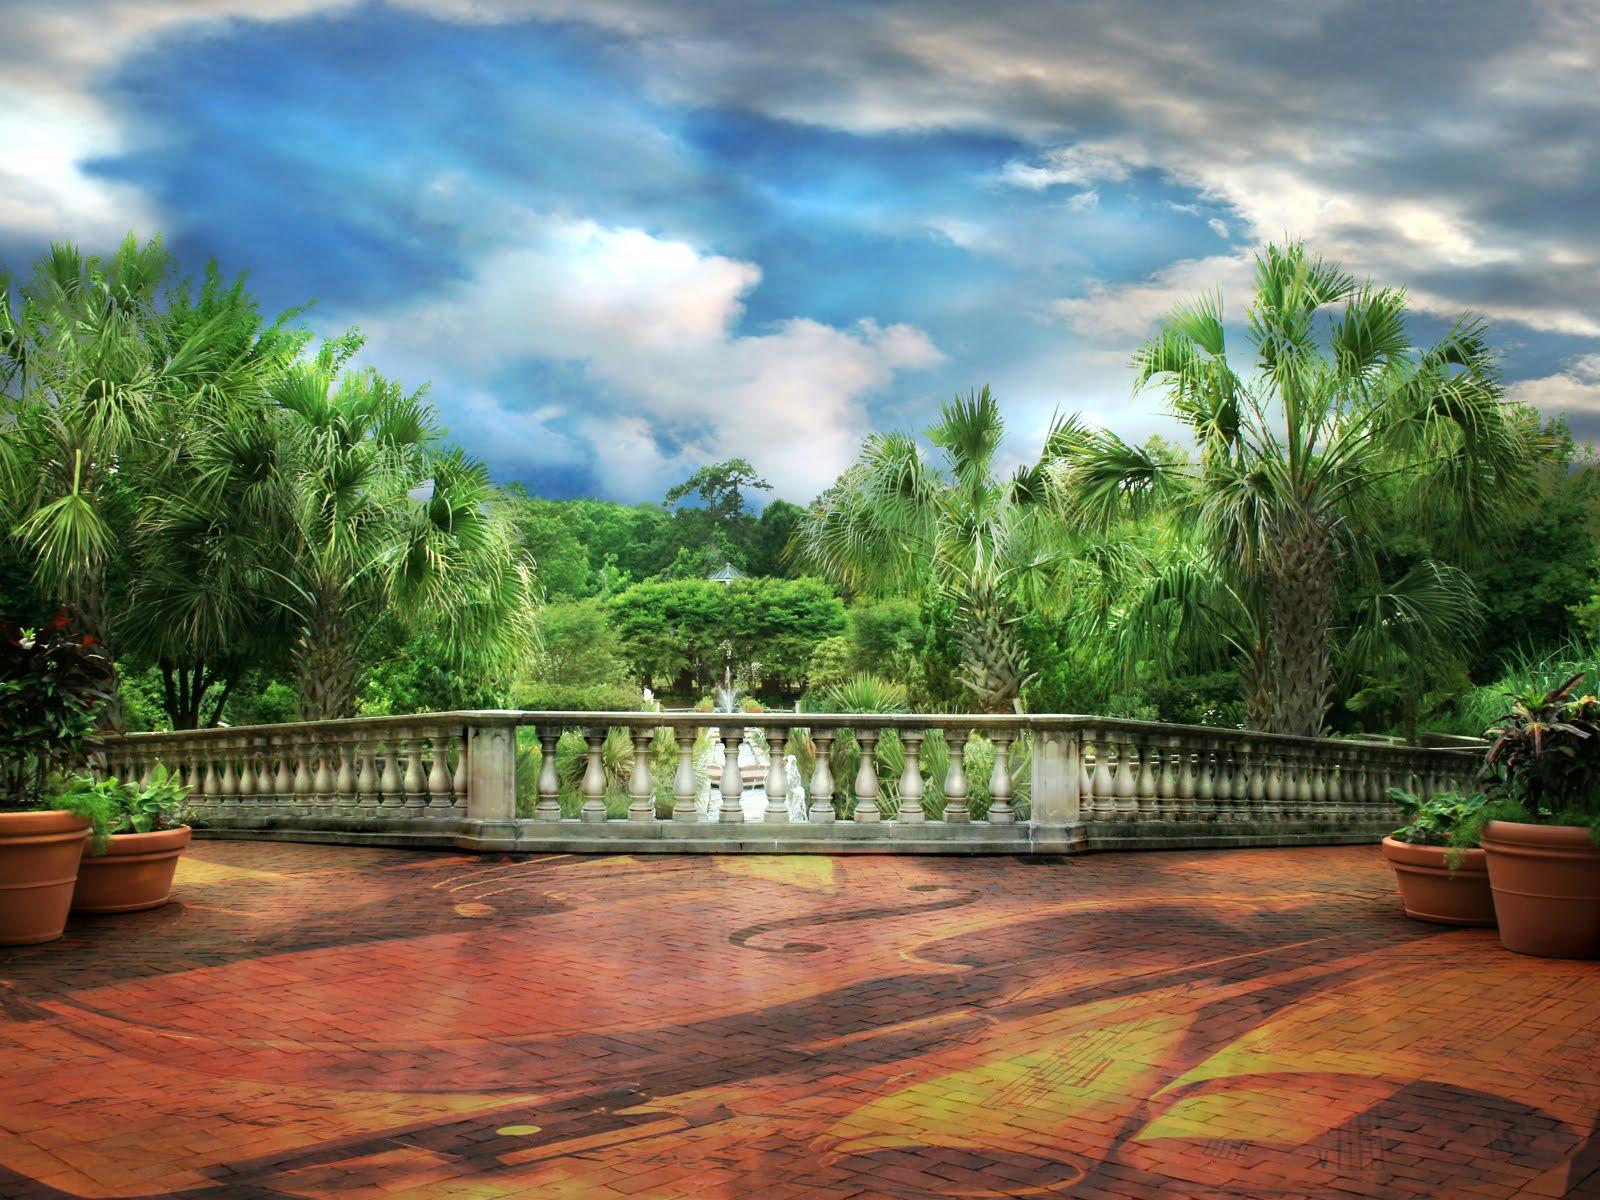 Jardines y residencias lugares para vivir en paz - Imagenes para jardin ...